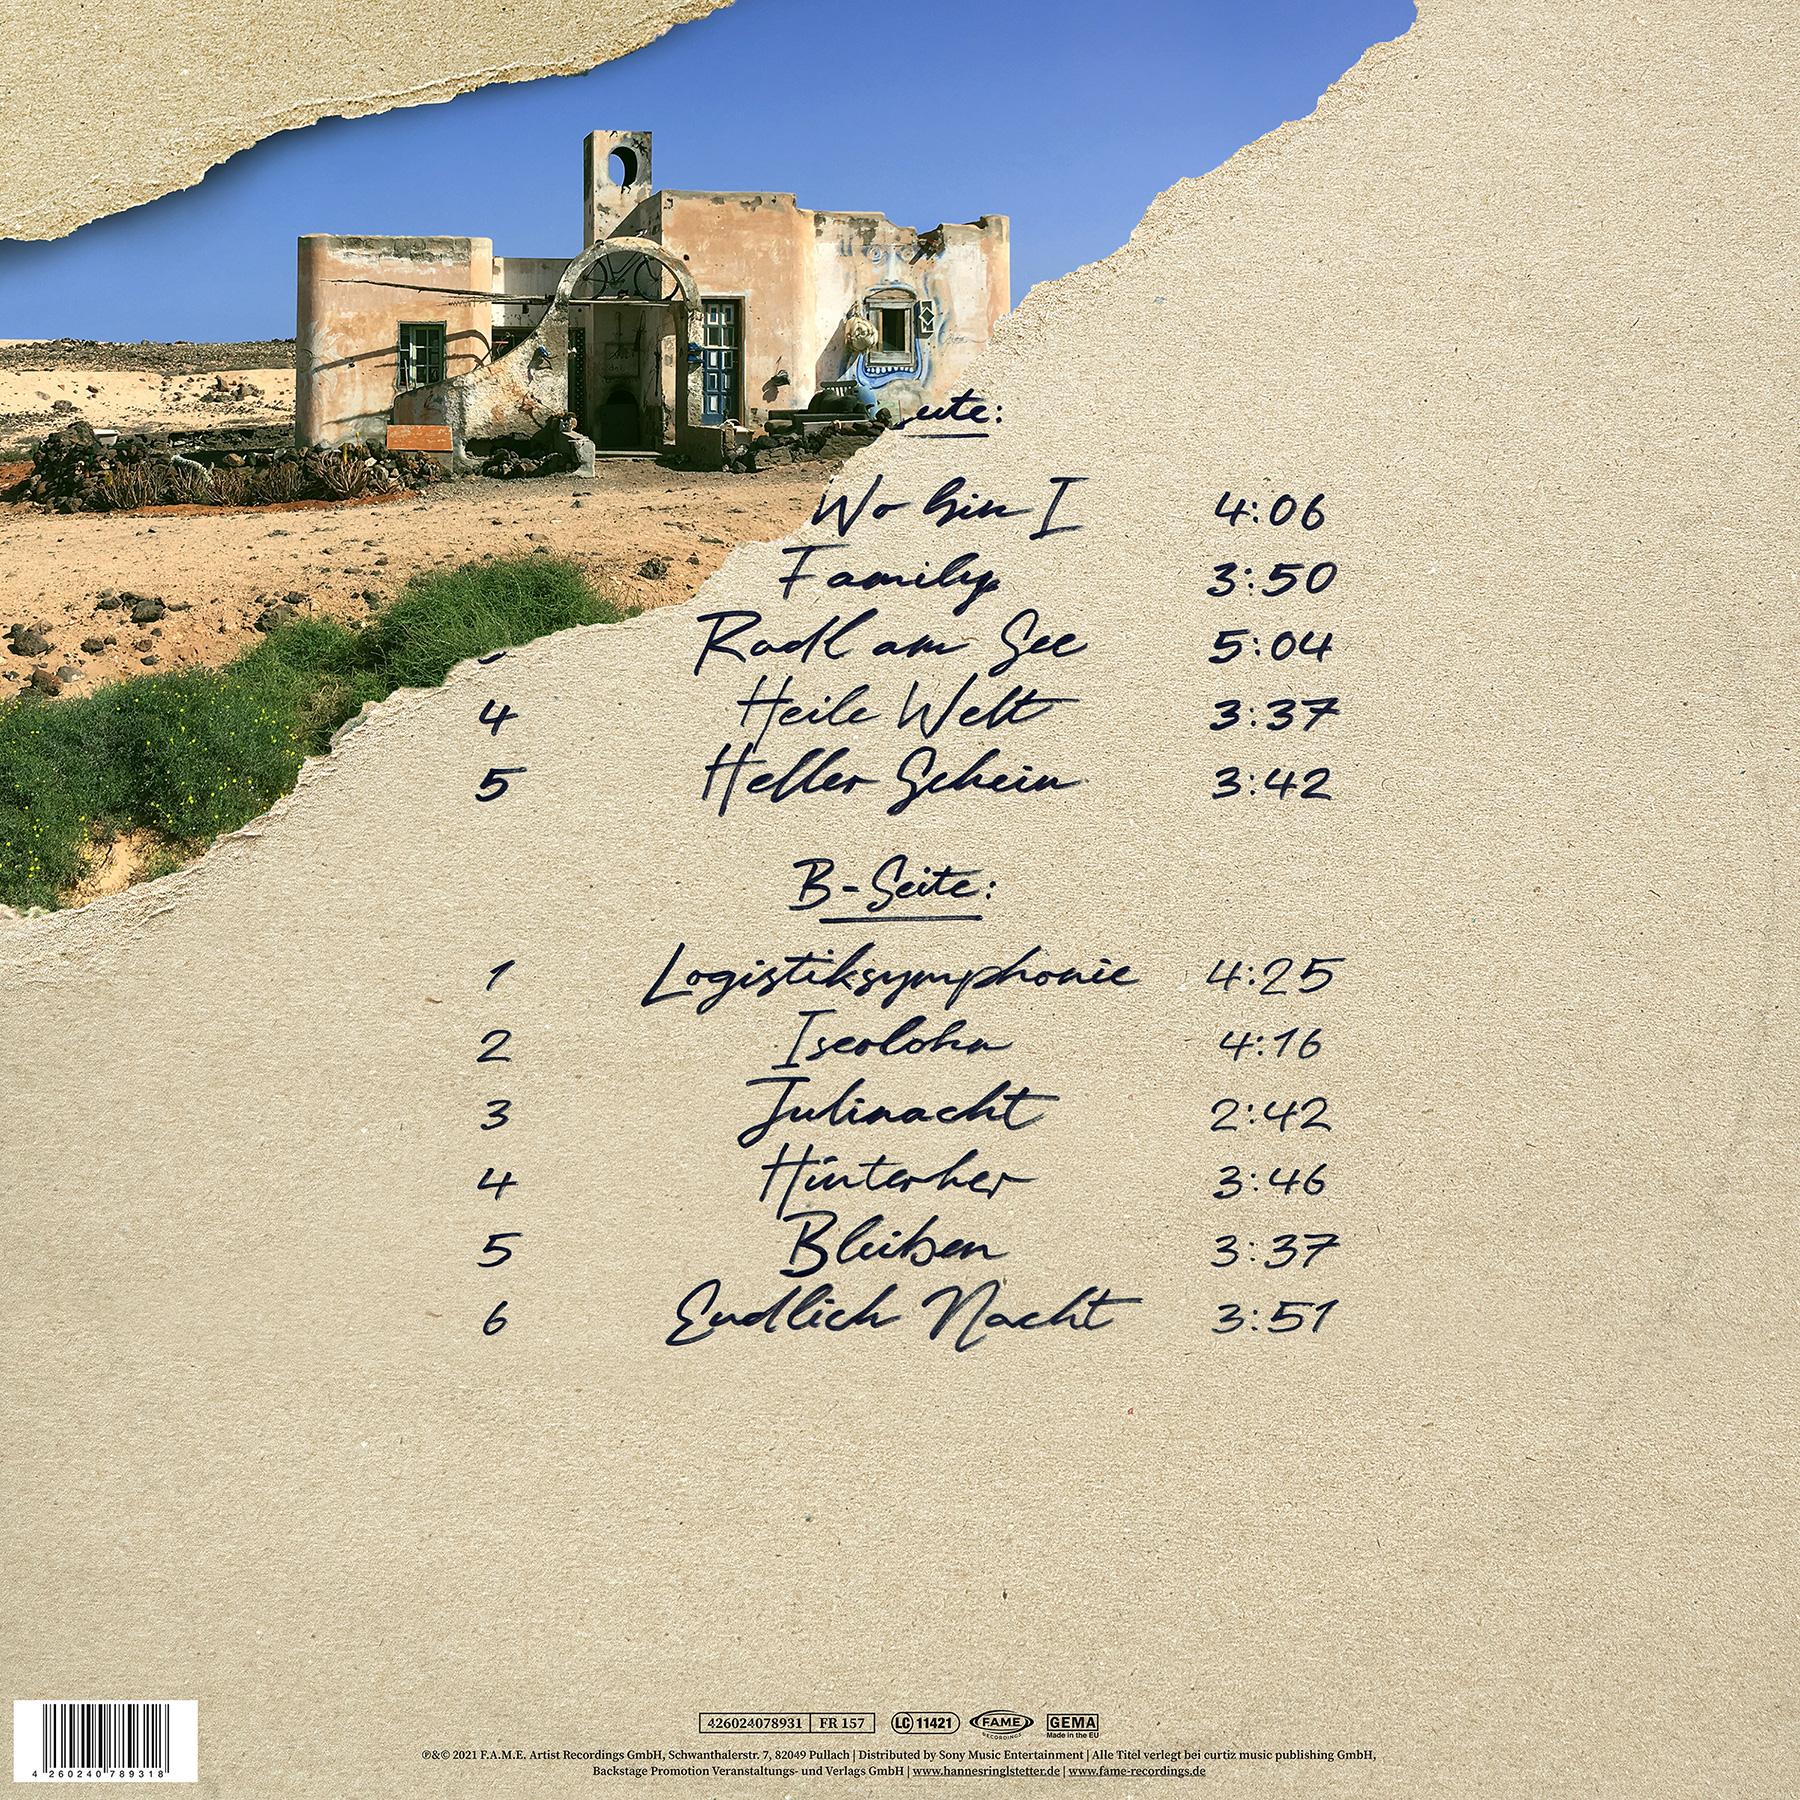 Ringlstetter Heile Welt CD